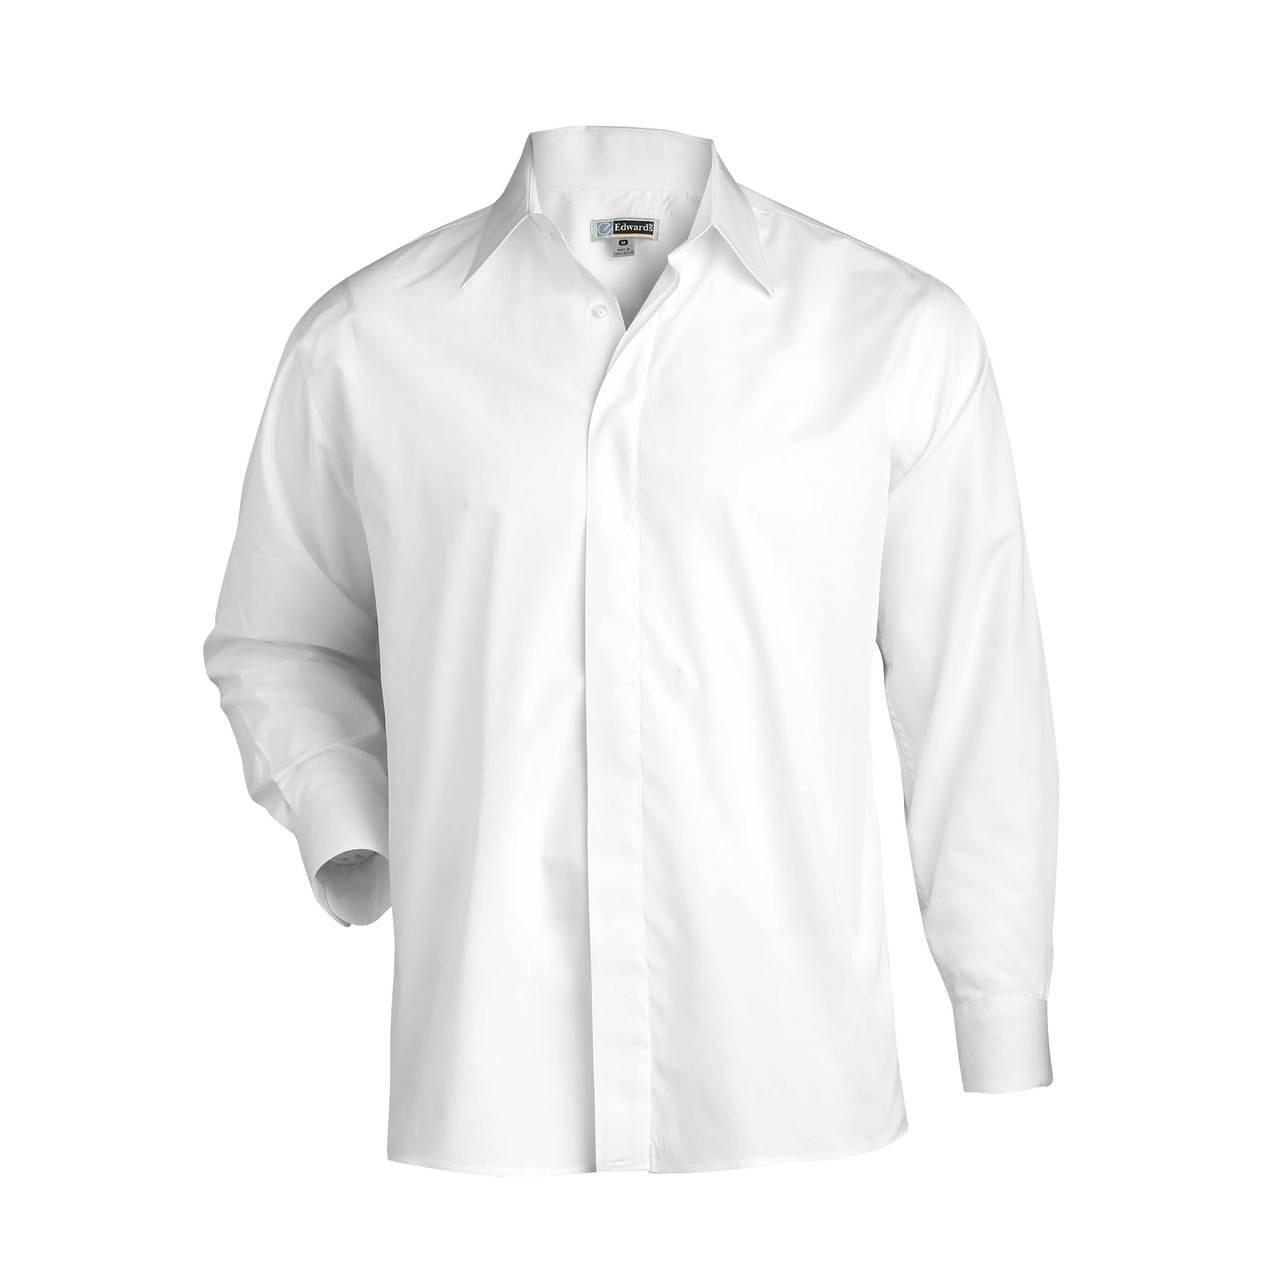 Easy Care Server Shirt - White